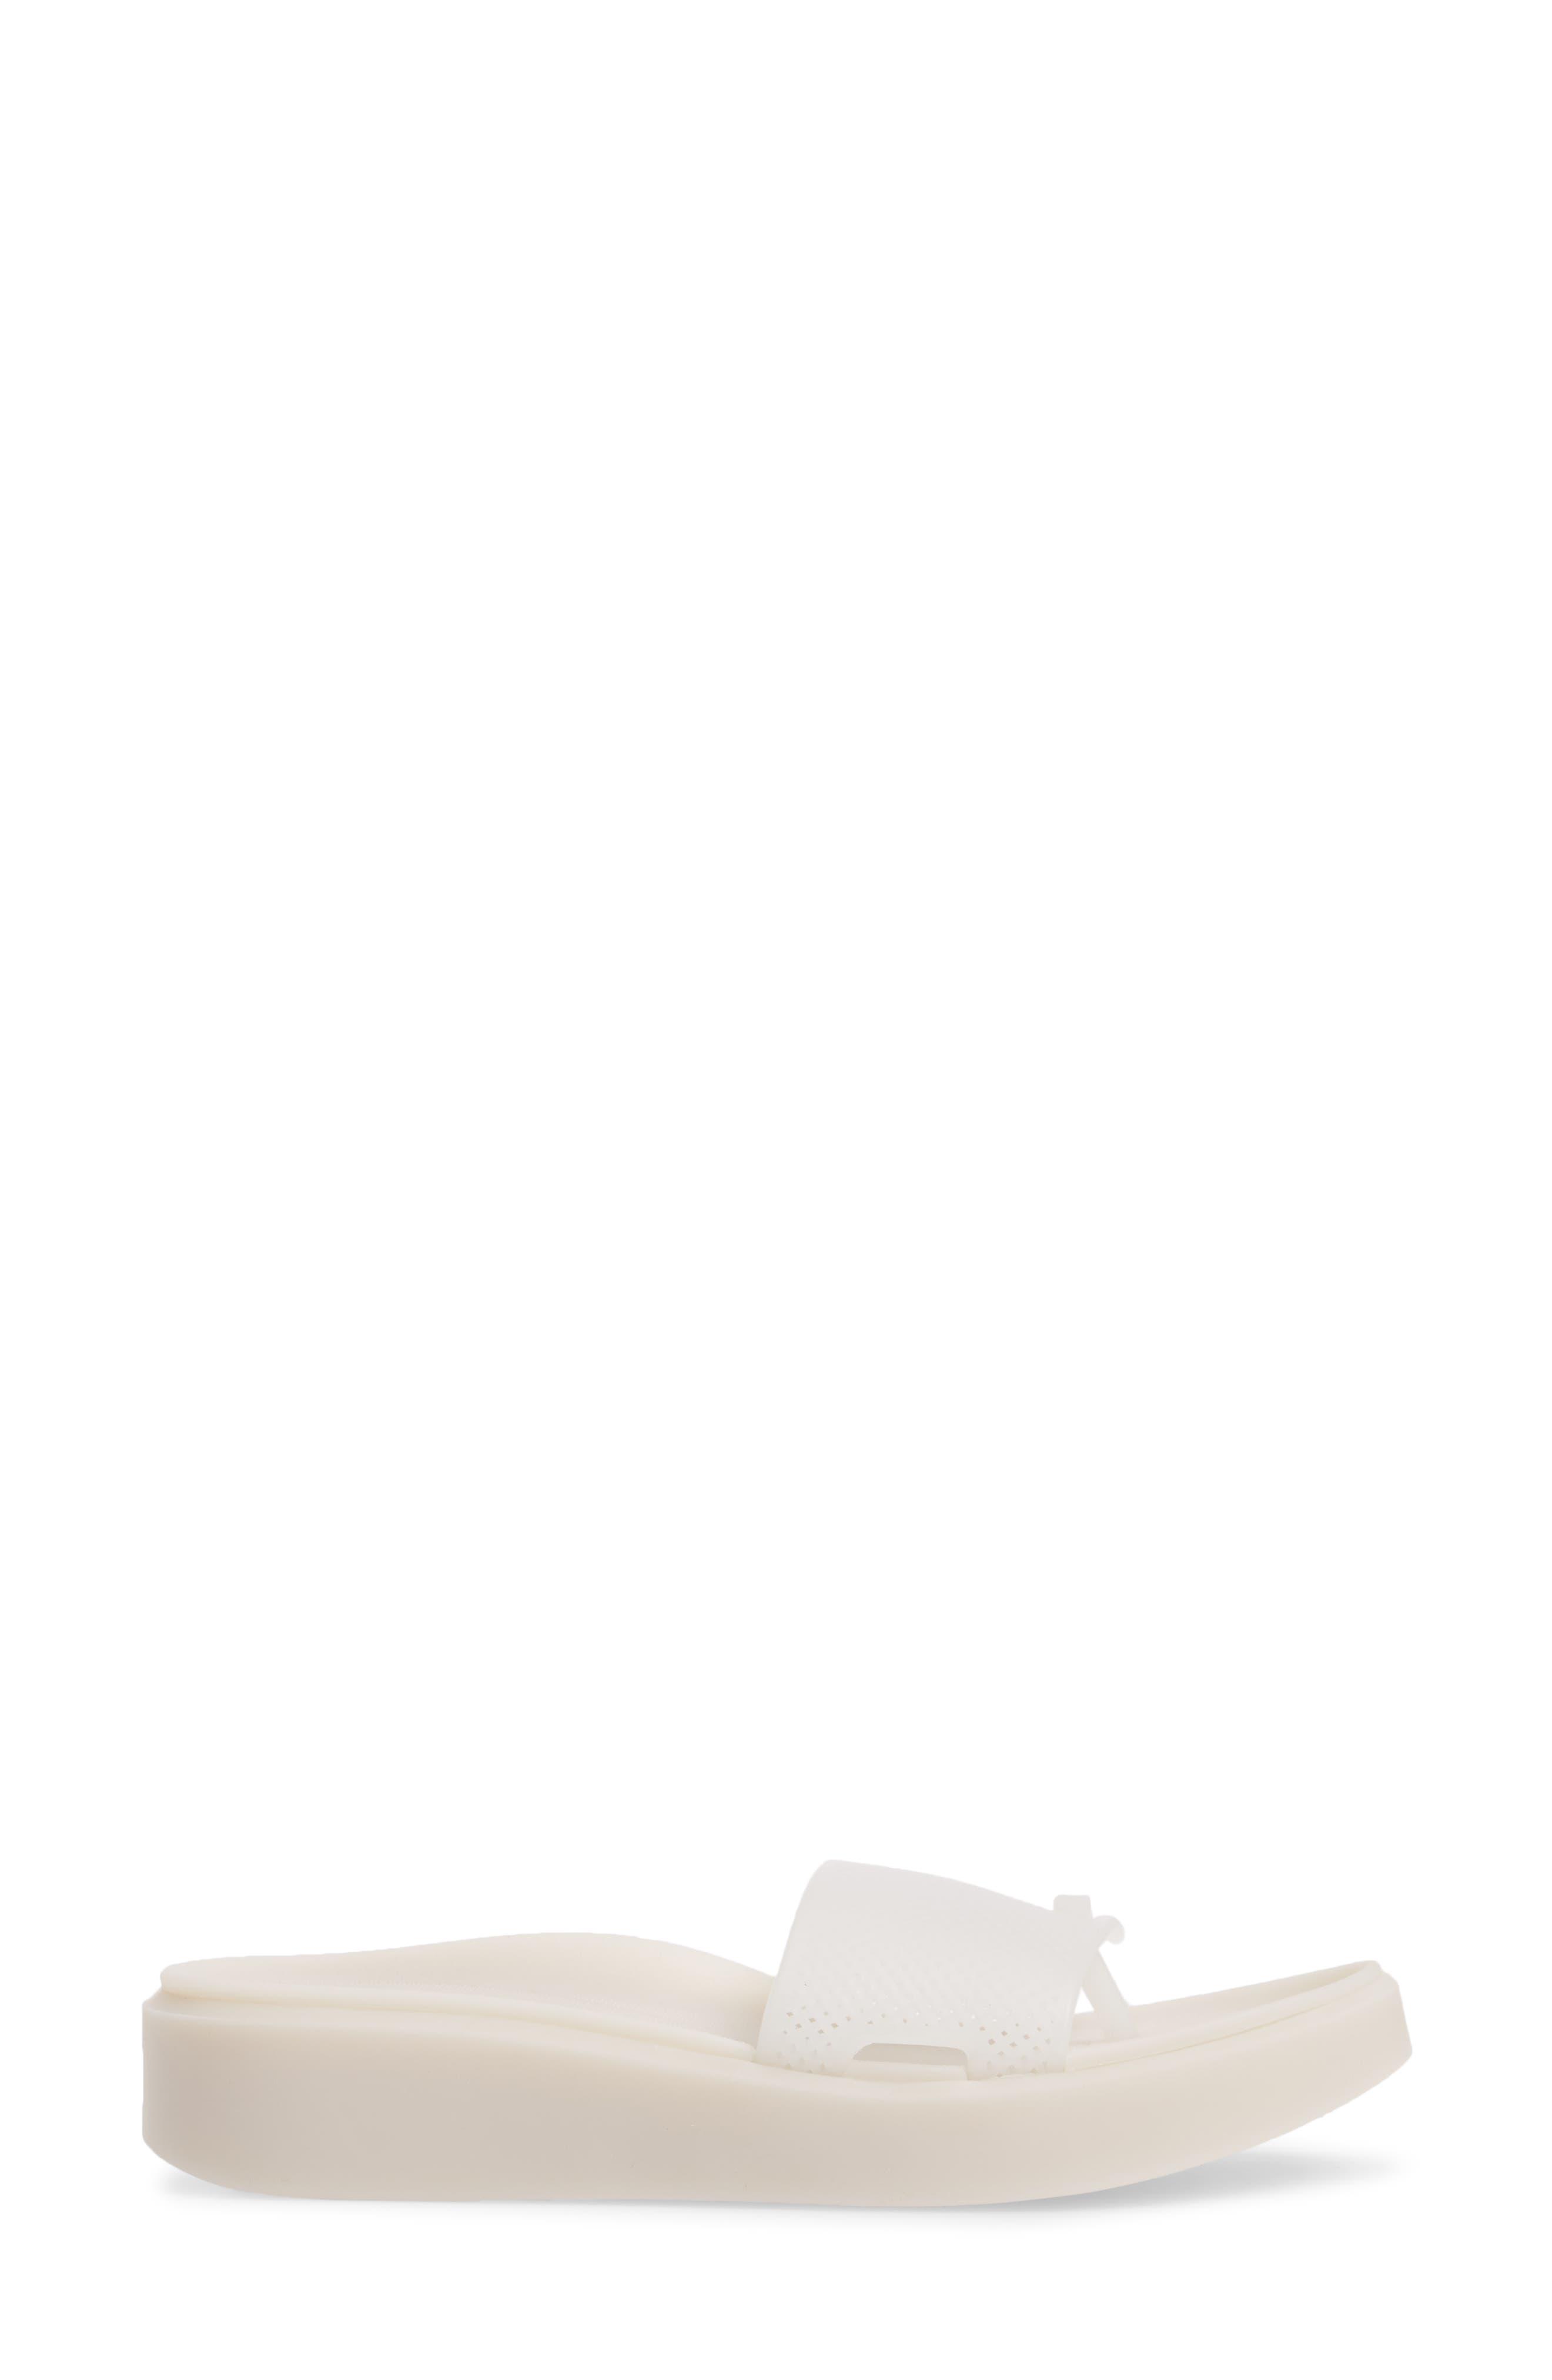 Bondi Jelly Slide Sandal,                             Alternate thumbnail 3, color,                             100